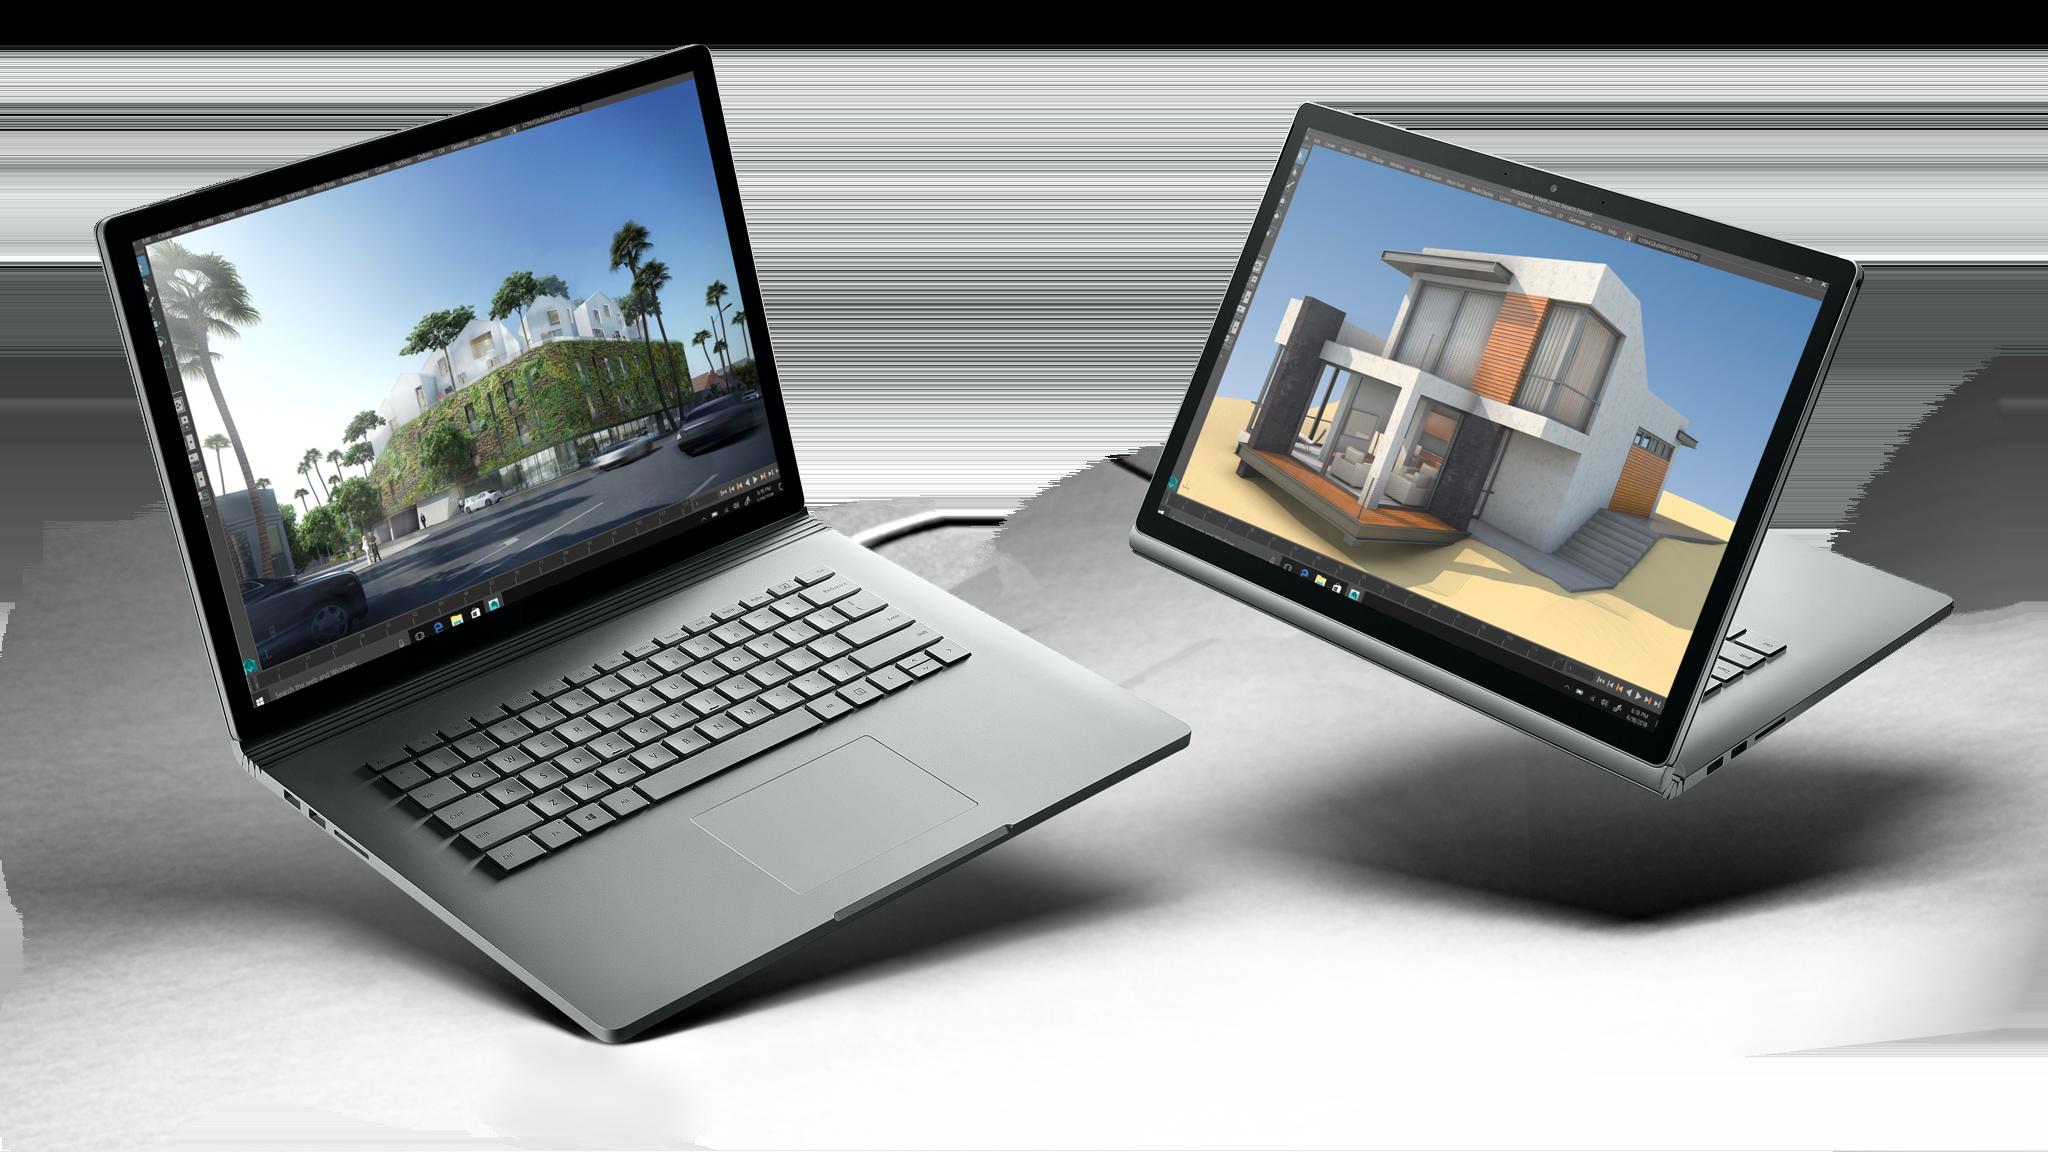 جهاز Surface Book 2 بحجم 13.5 بوصة، وجهاز Surface Book 2 بحجم 15 بوصة بجانب بعضهما البعض